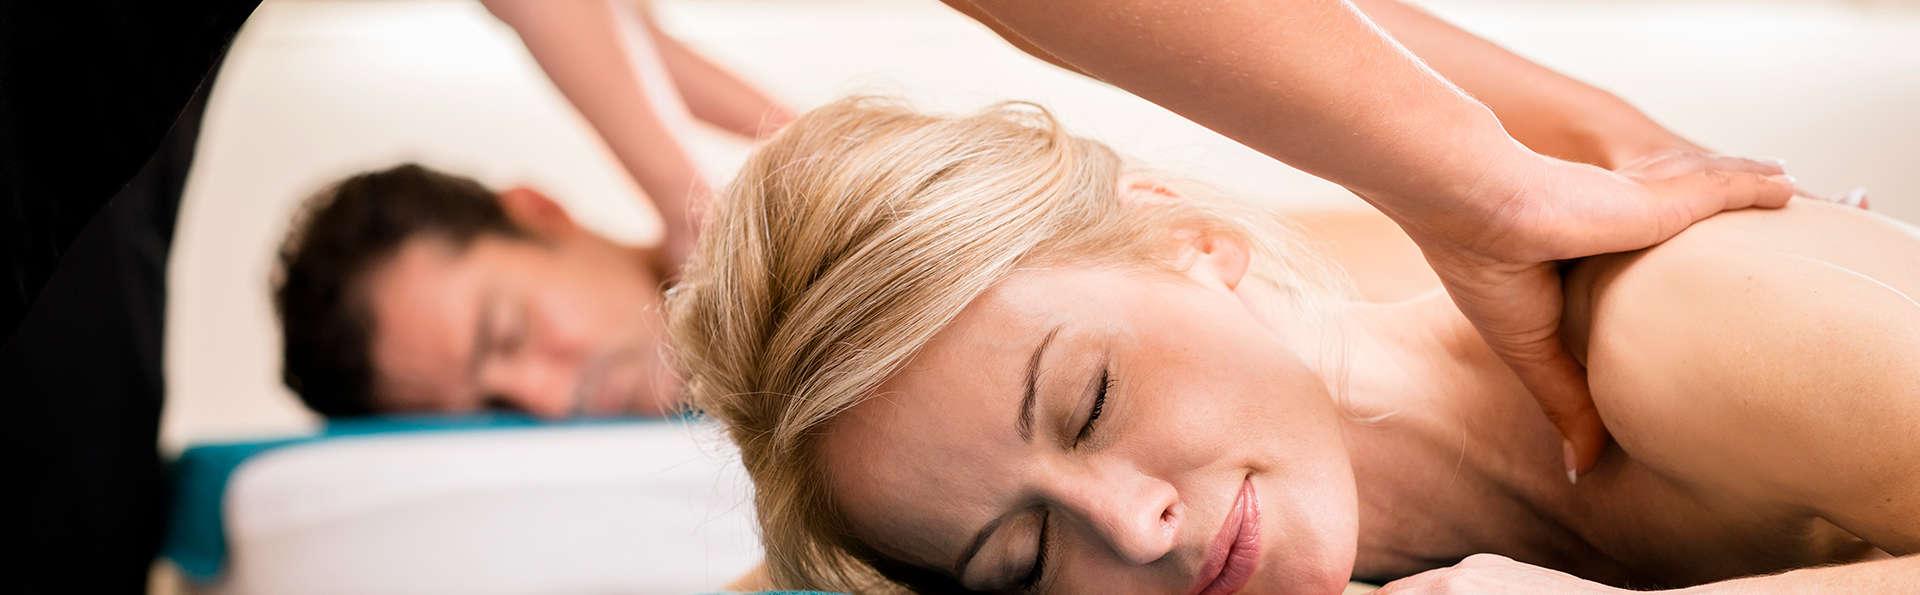 Moment détente avec massage et petit-déjeuner avec bulles